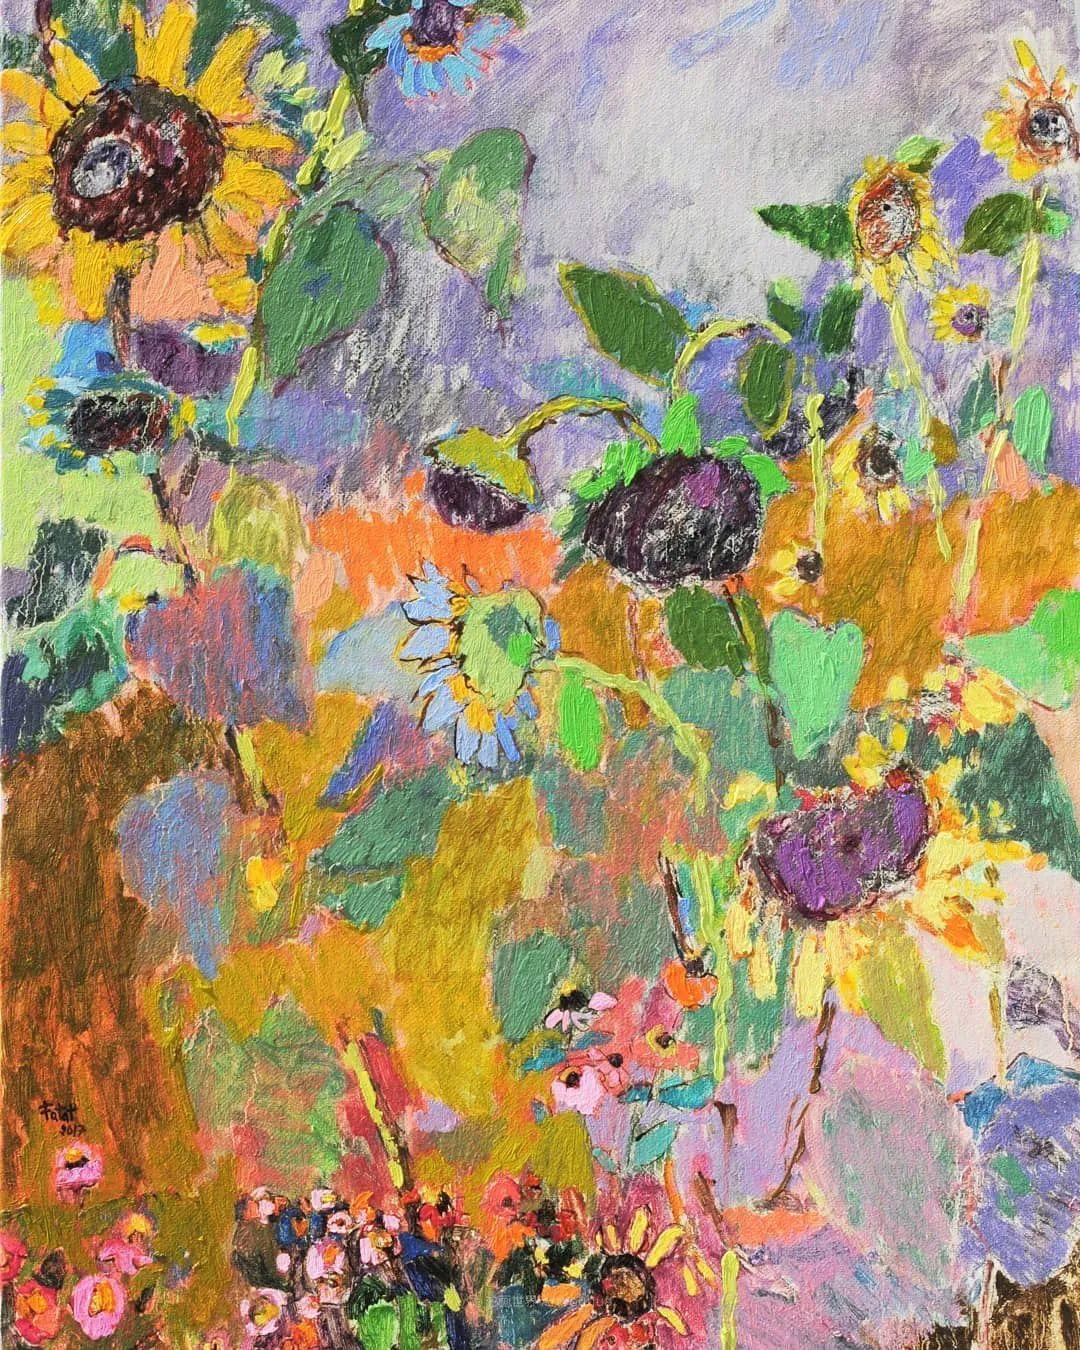 她的作品色彩丰富,充满爱意,富有生活气息!插图61